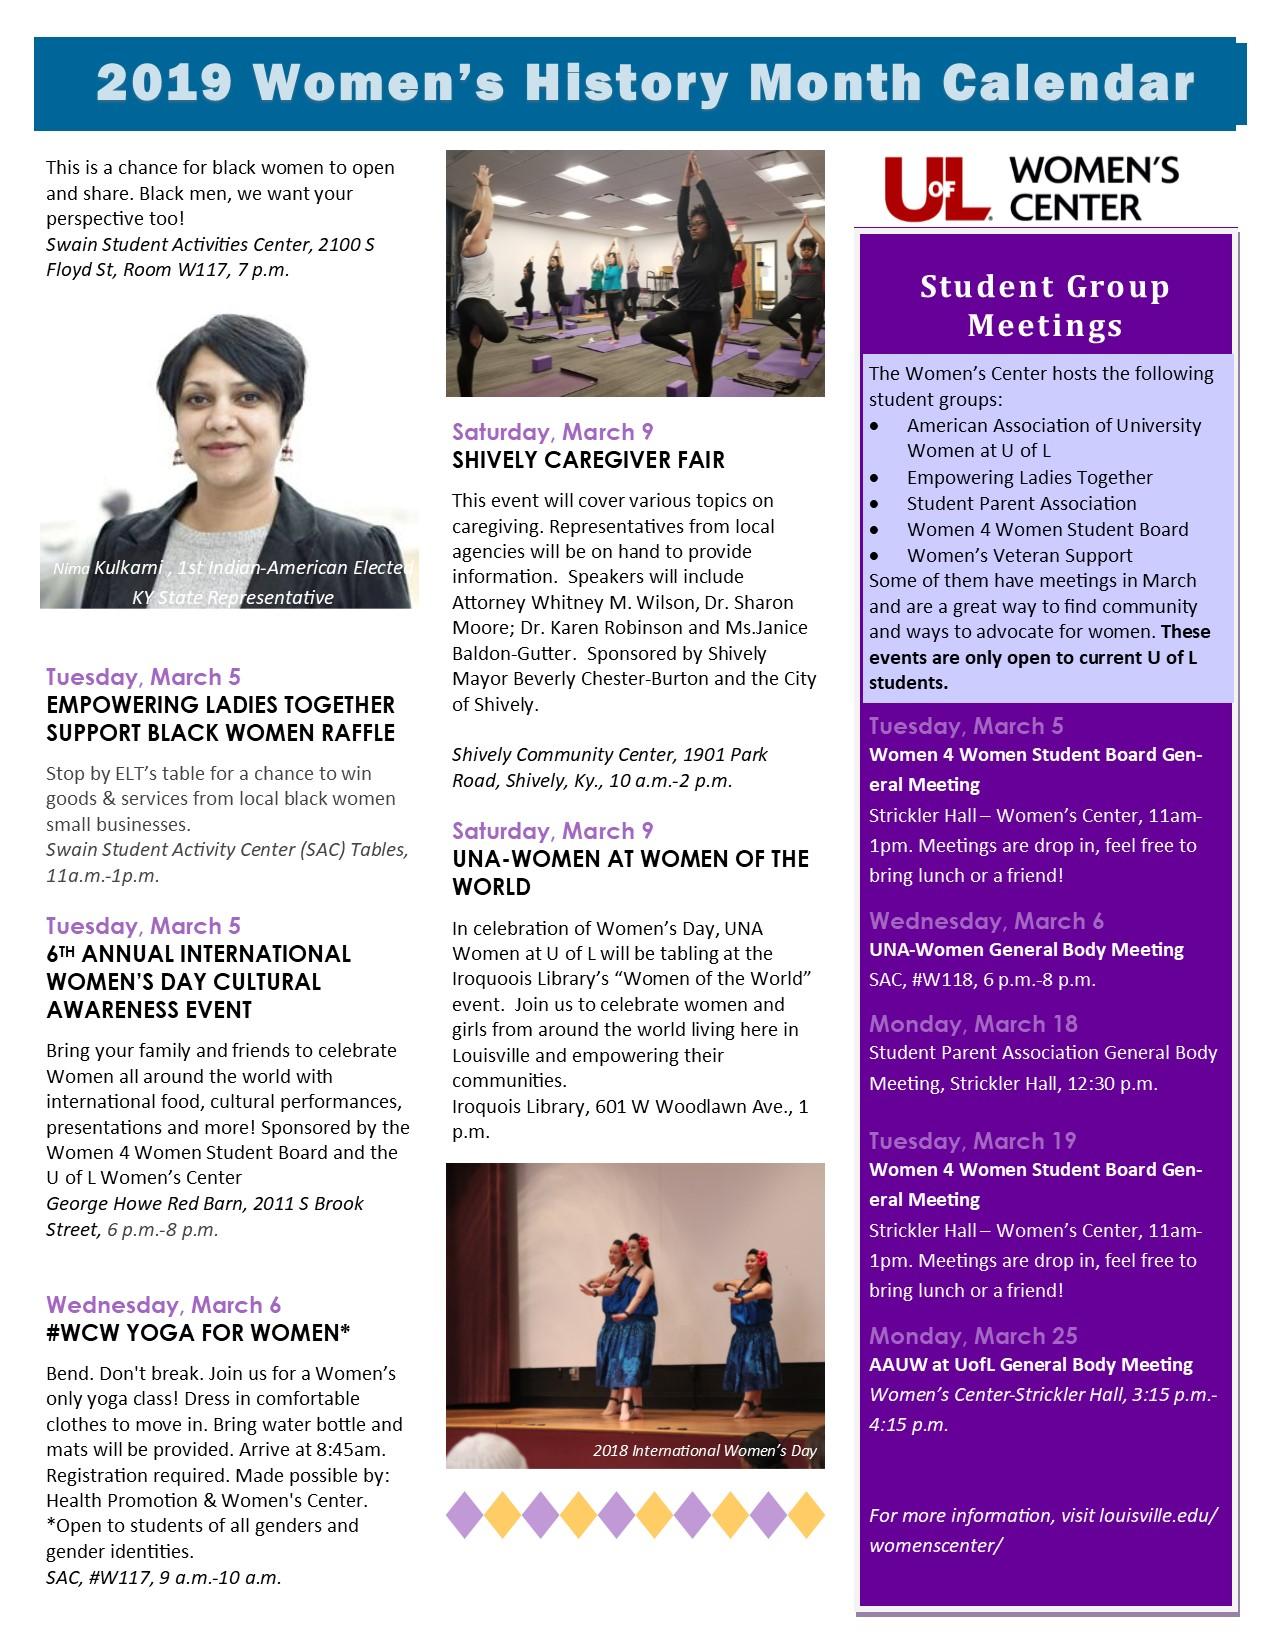 Uofl Calendar 2019 Women's History Month 2019 — Women's Center